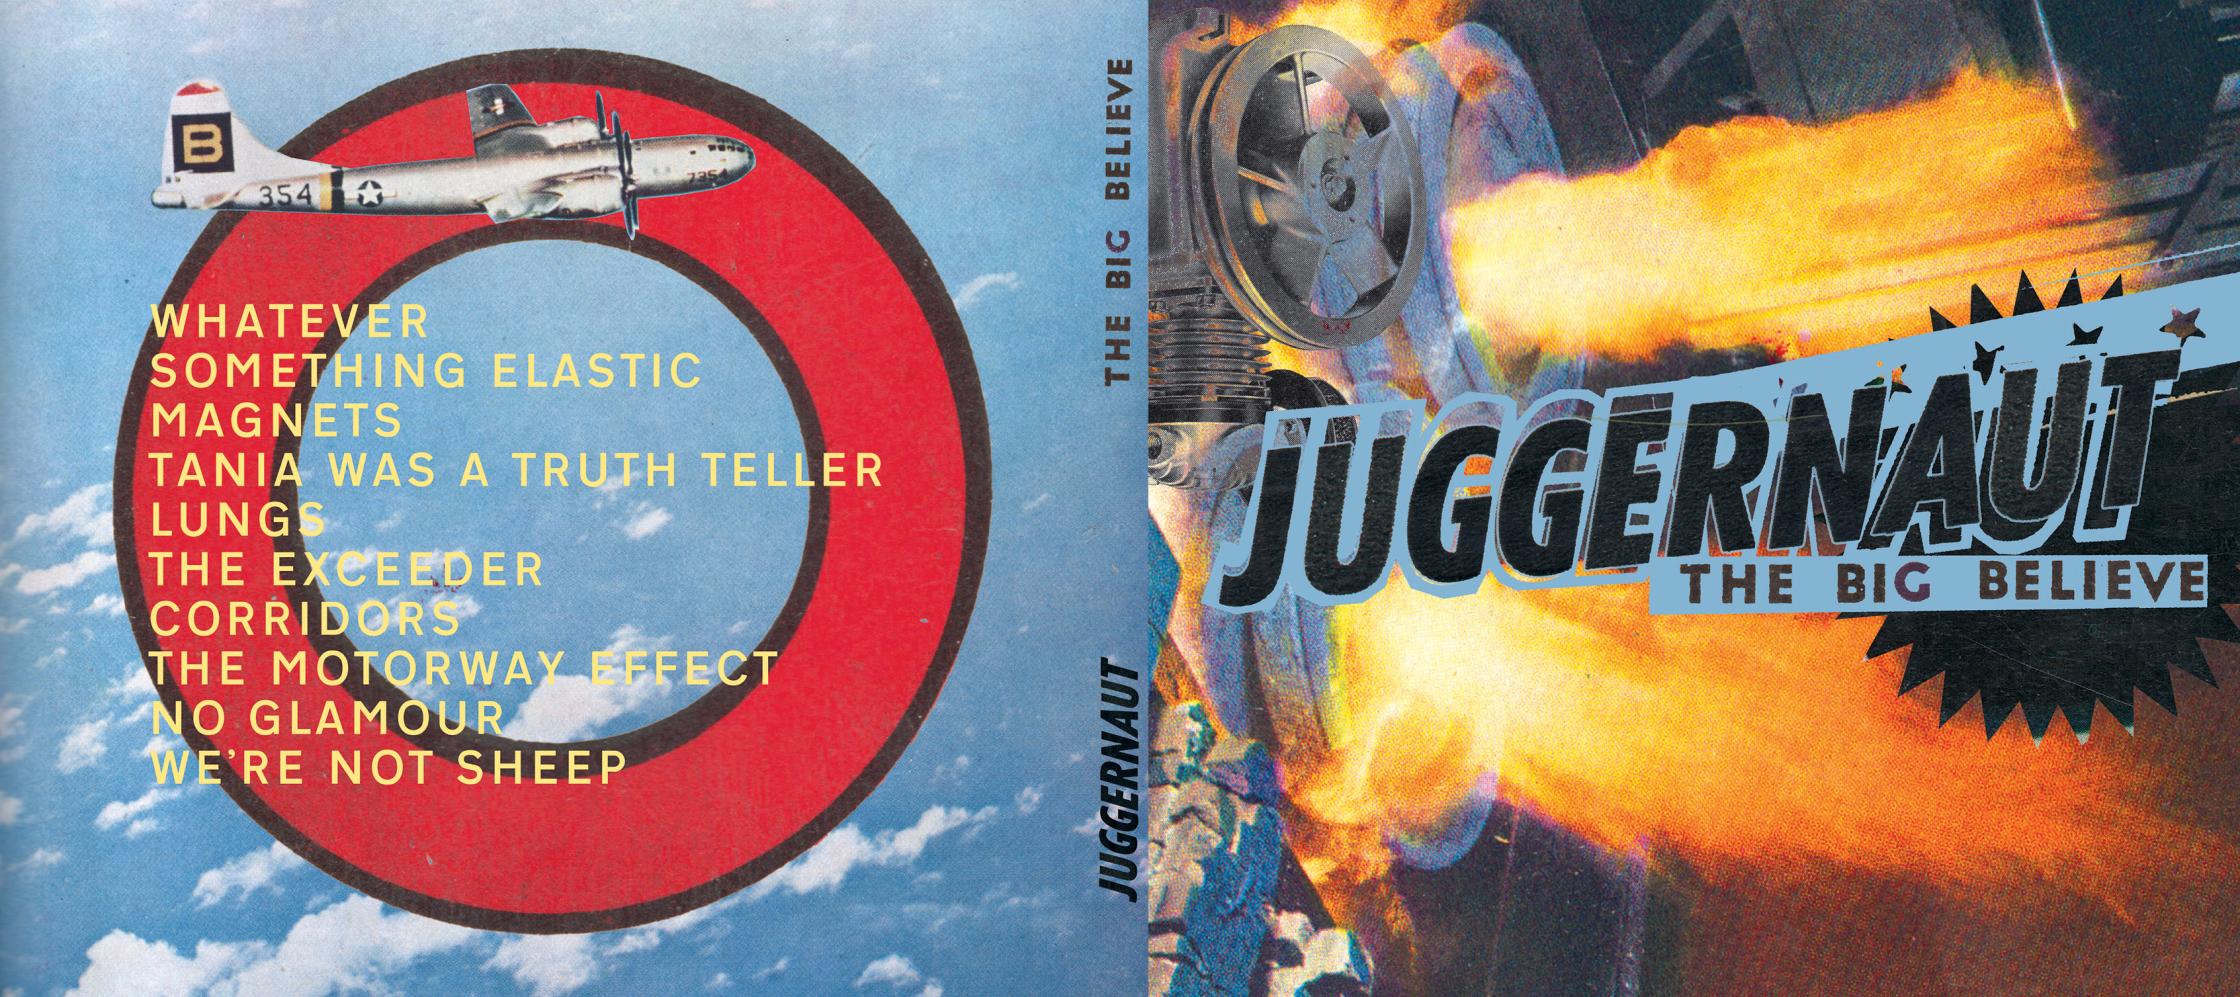 Big Believe juggernaut outer CD sleeve.jpg